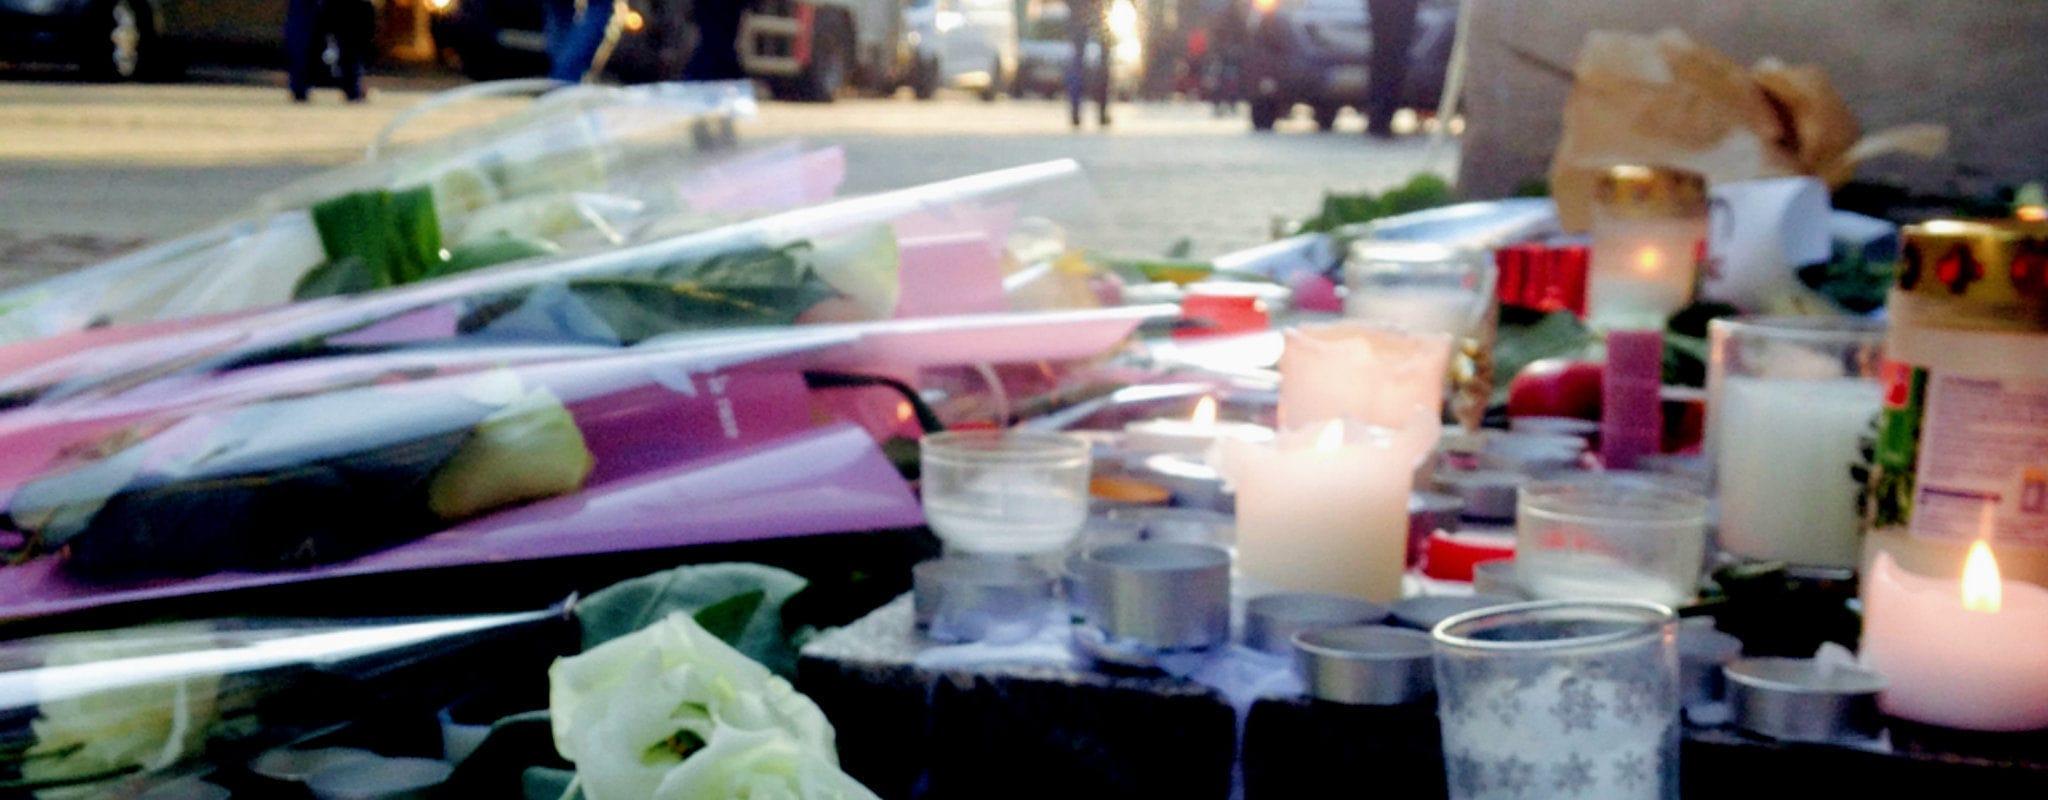 Après l'attentat, les dessins et poèmes des Strasbourgeois «symbolisent l'unité d'une société»